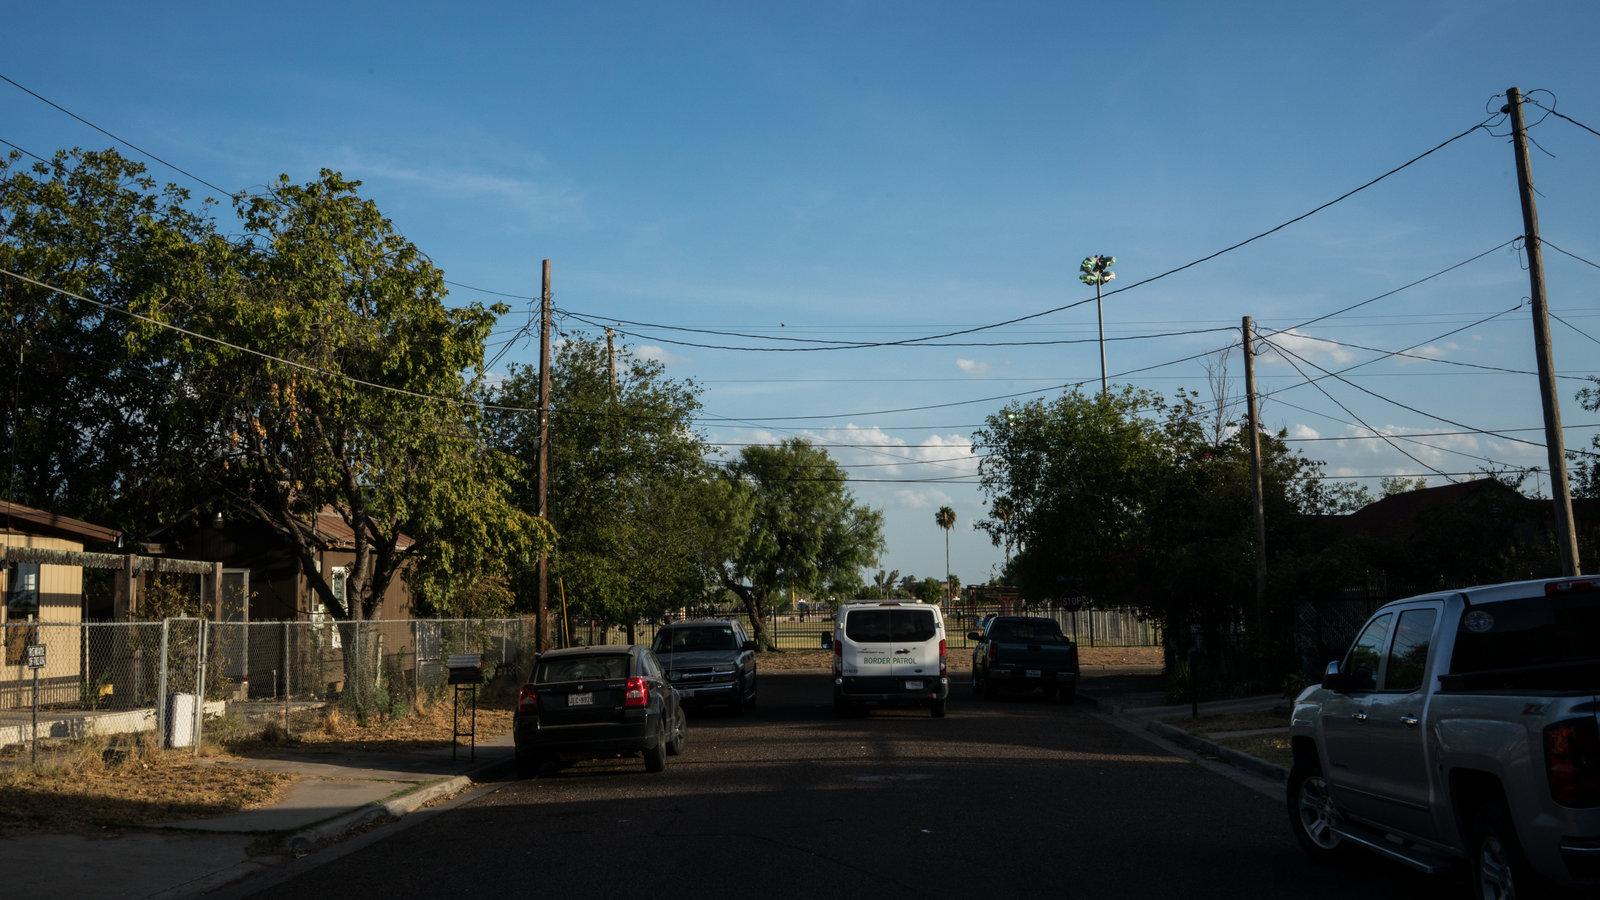 Laredo Texas Agent Border Patrol